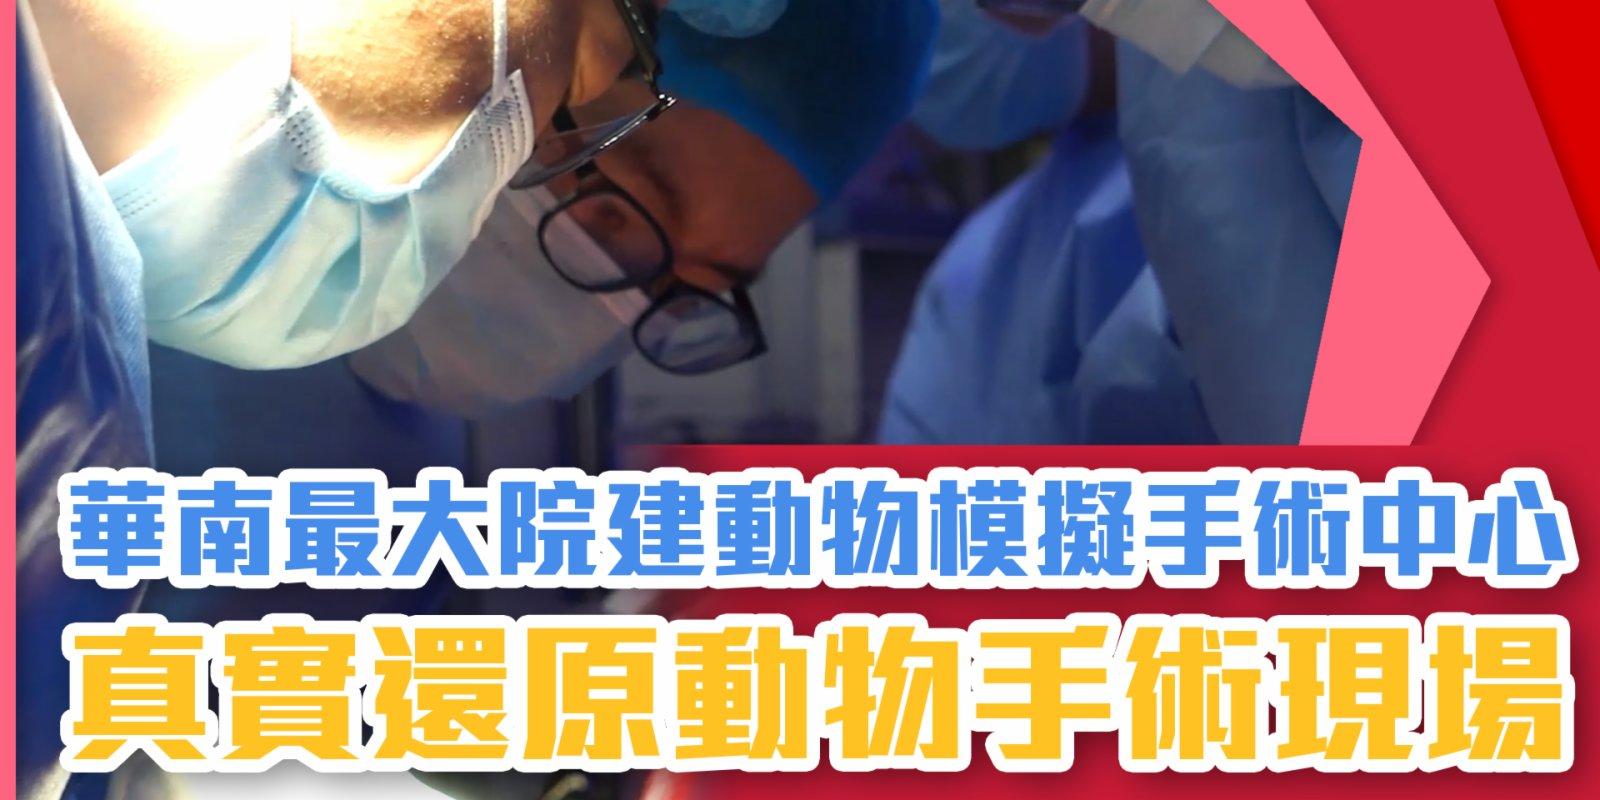 華南最大院建動物模擬手術中心啟用 10手術台真實還原手術現場